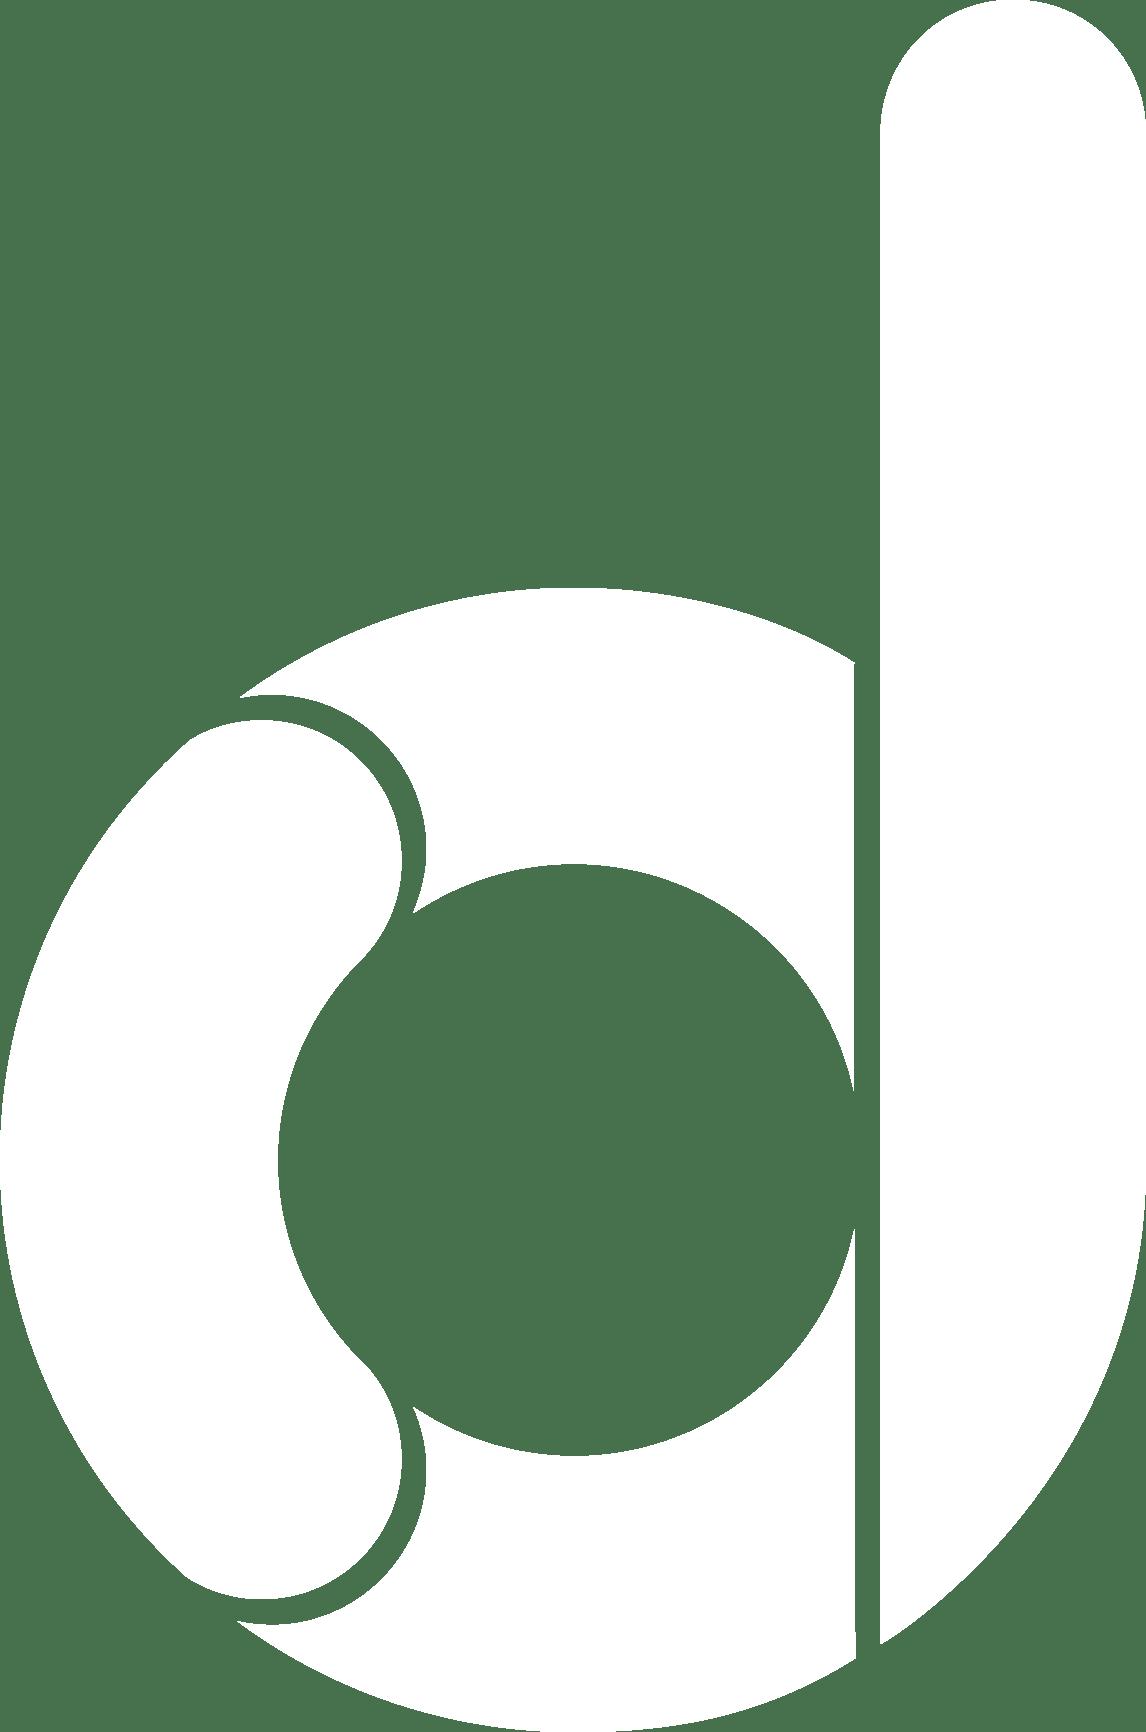 Daisie logo